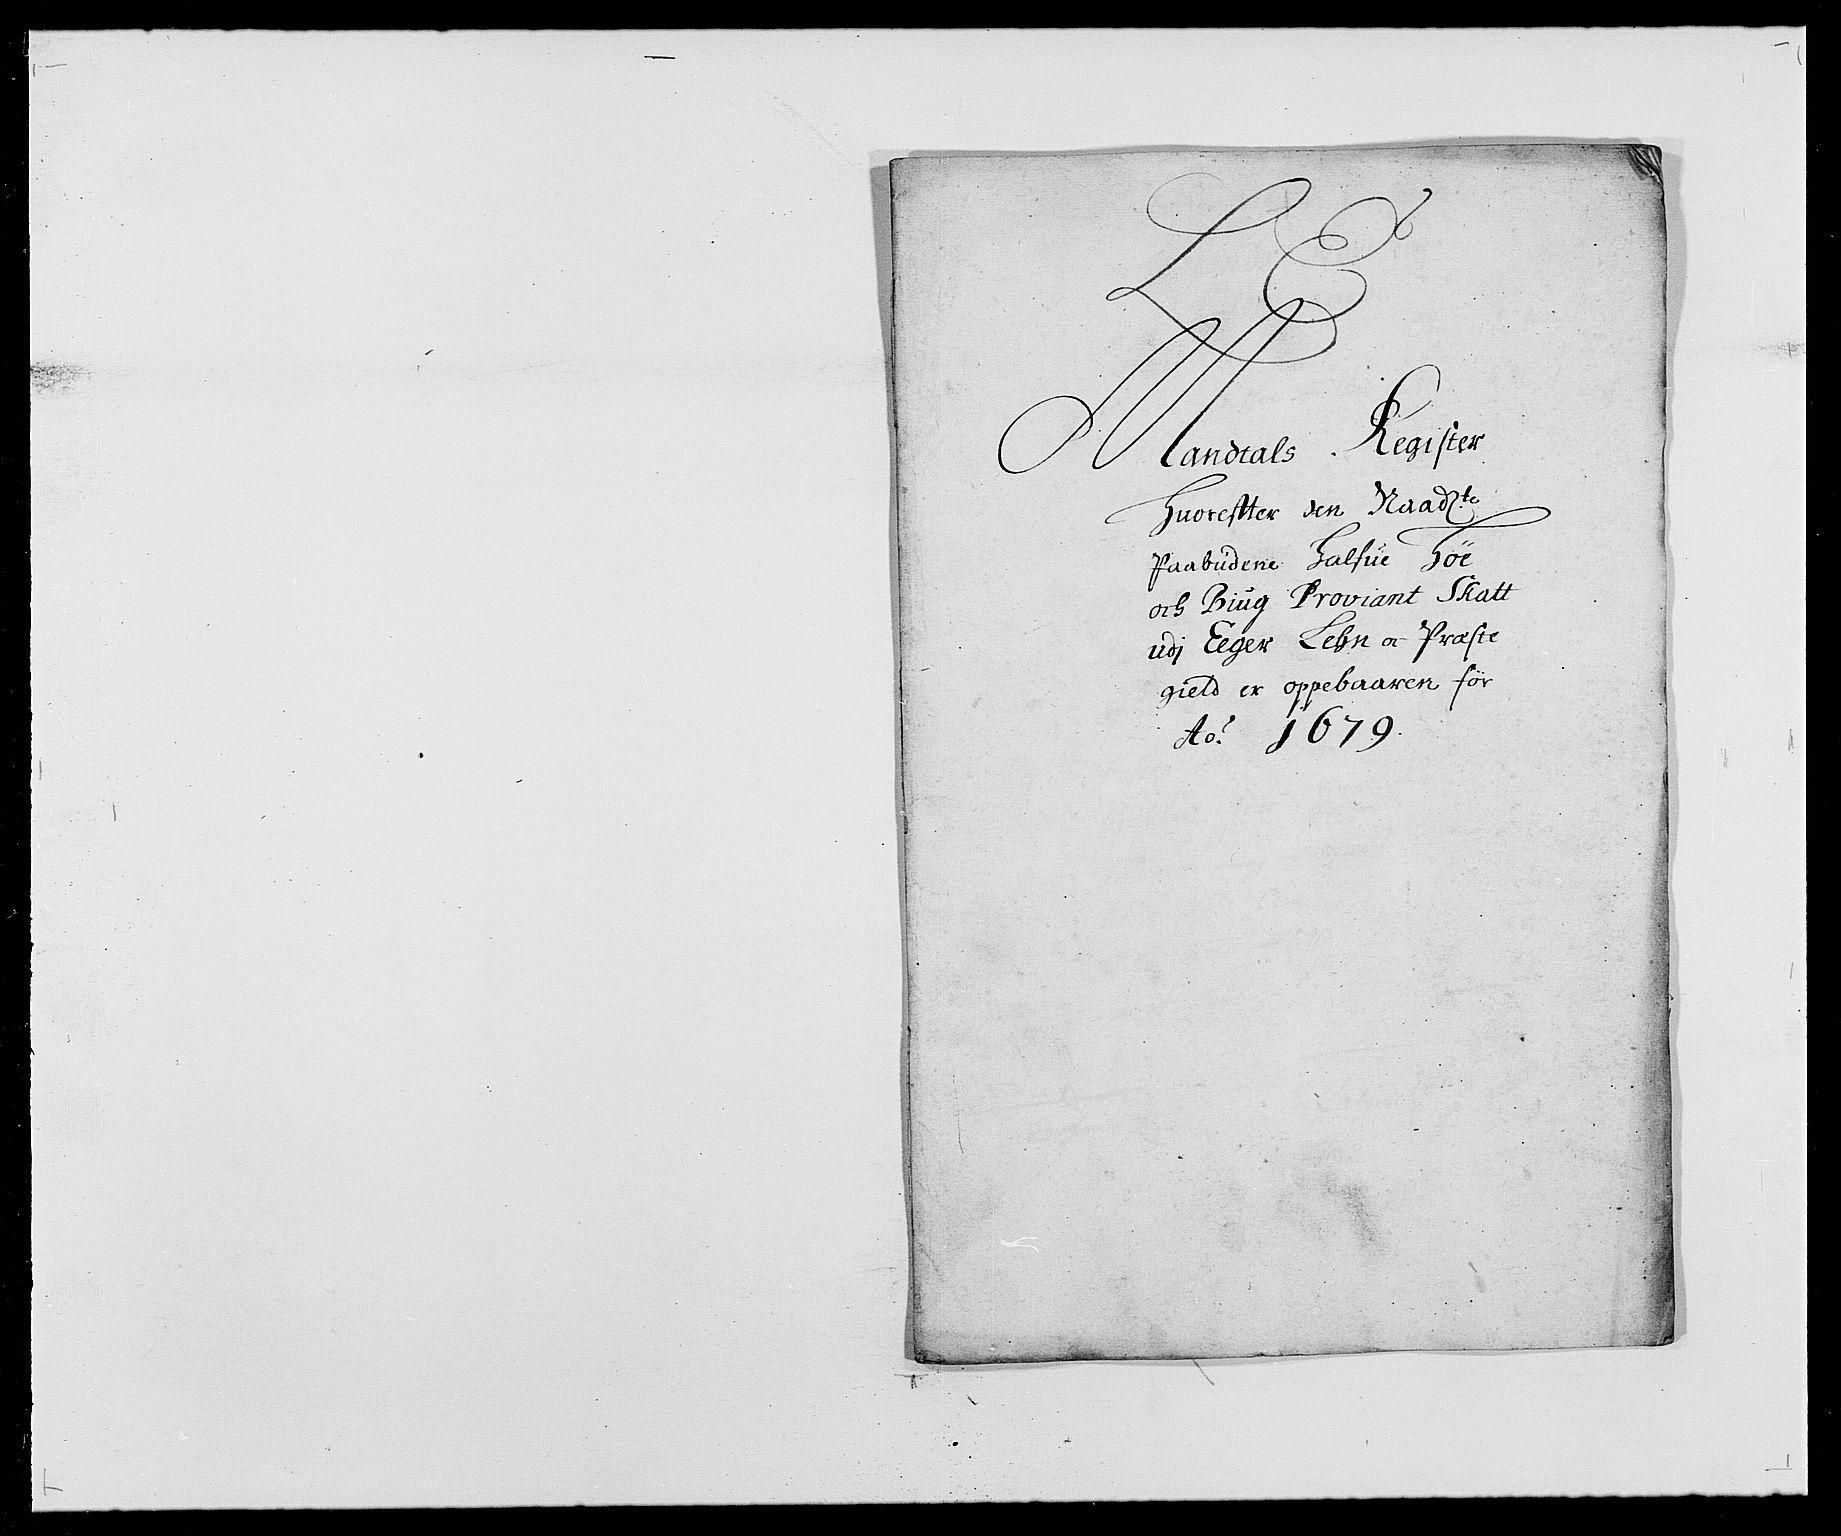 RA, Rentekammeret inntil 1814, Reviderte regnskaper, Fogderegnskap, R26/L1684: Fogderegnskap Eiker, 1679-1686, s. 75